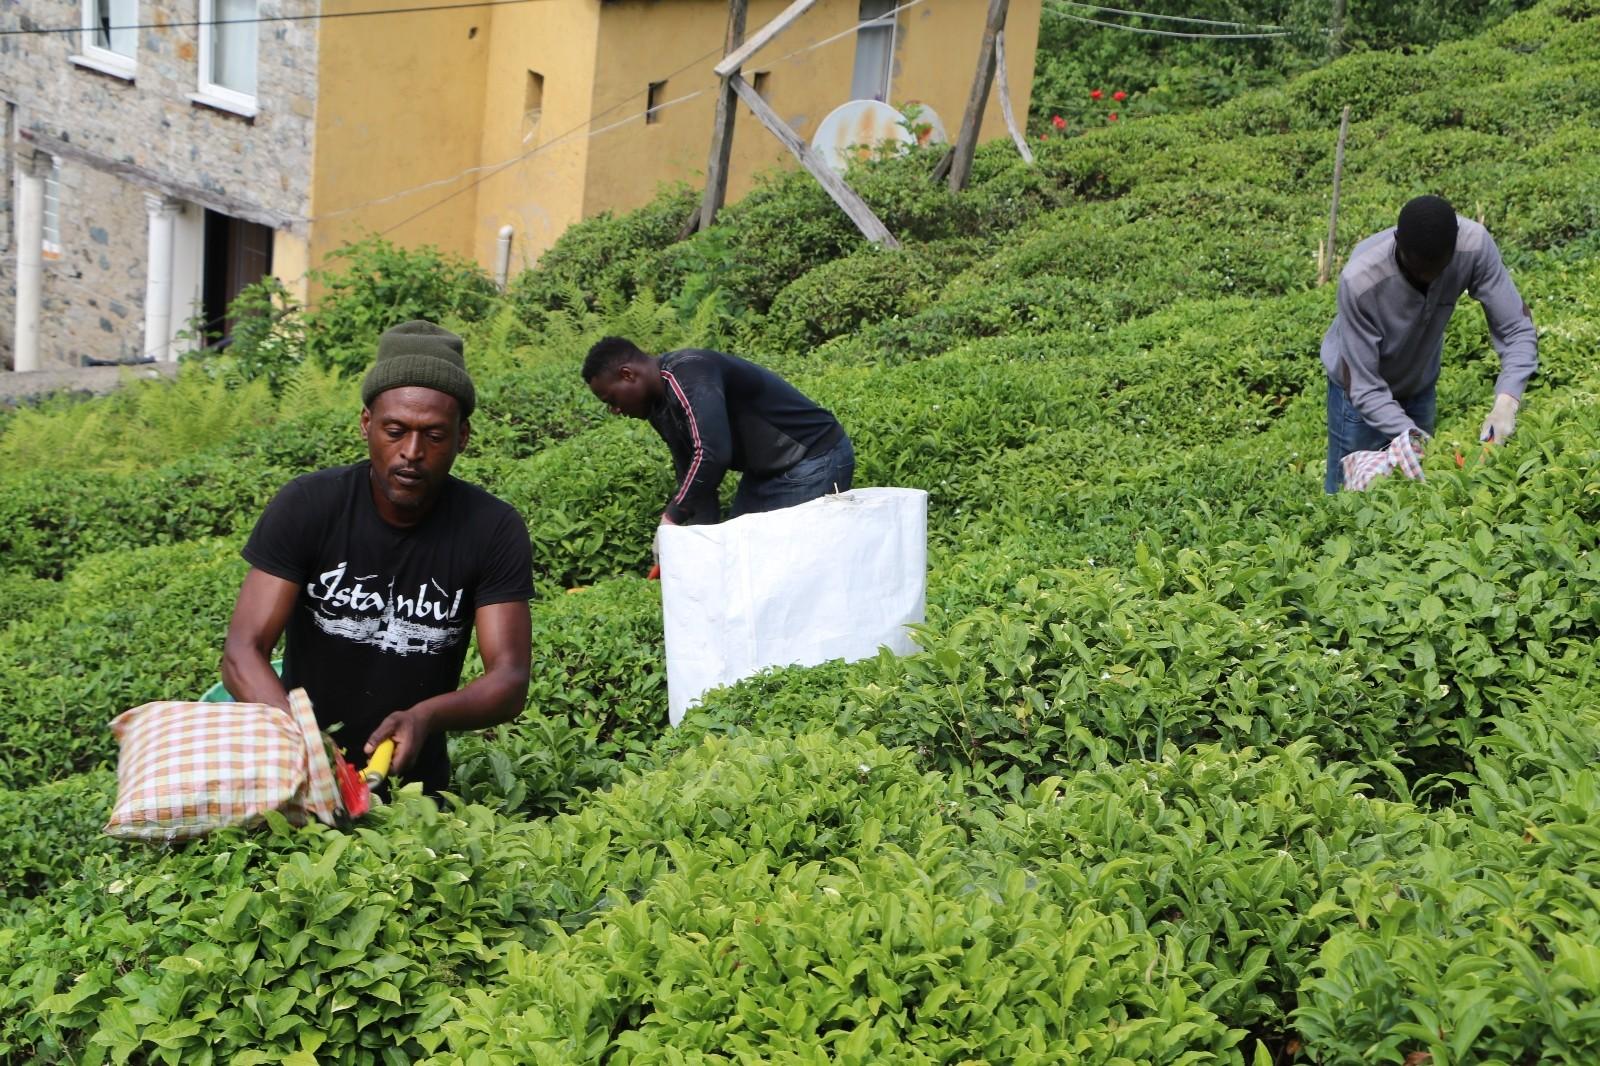 Bu yıl da çay bahçeleri Birleşmiş Milletleri andıracak